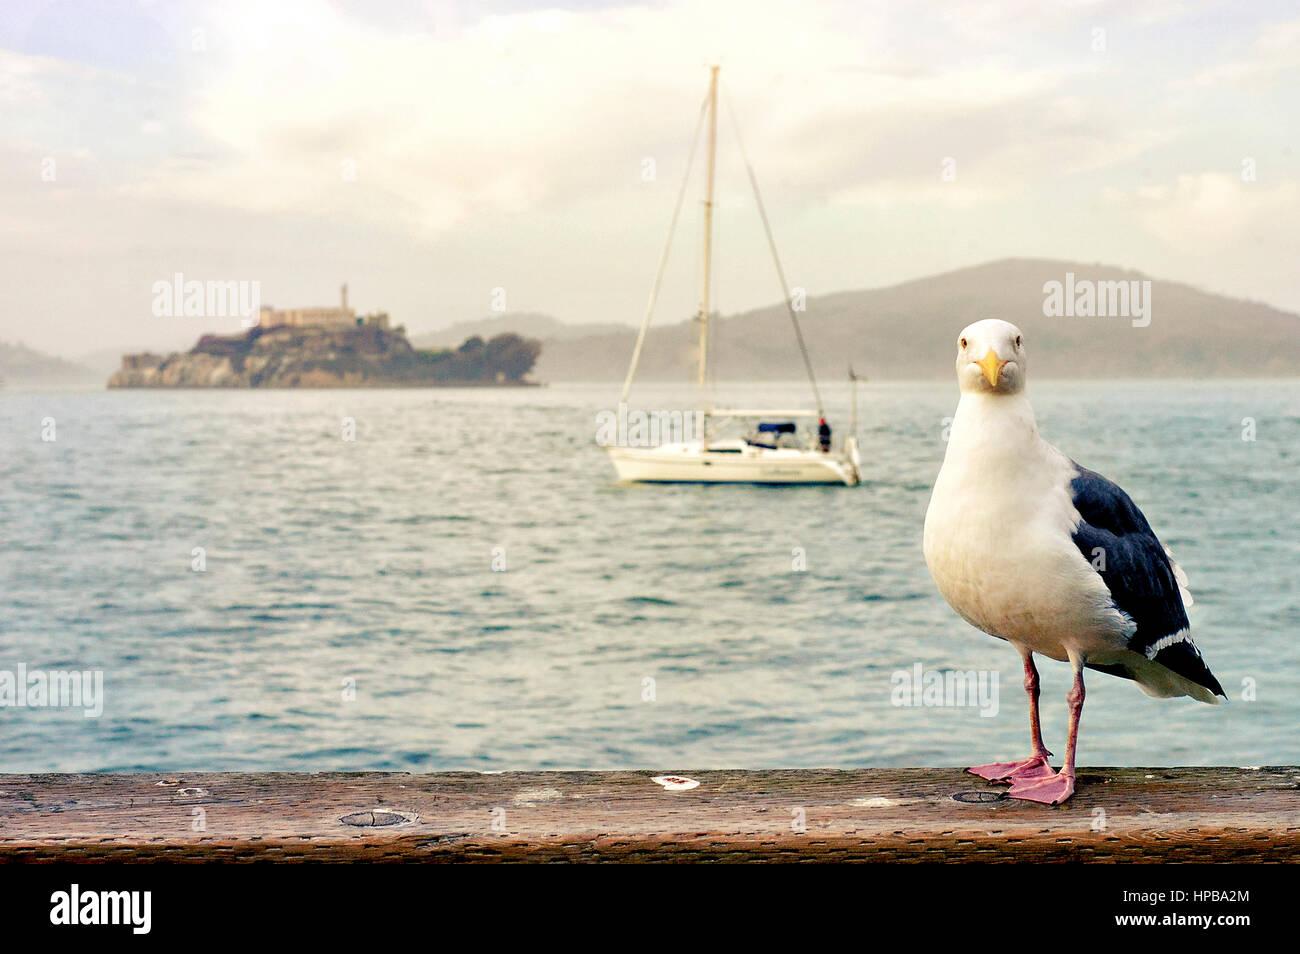 Une mouette, voilier, et une vue sur l'île d'Alcatraz. Photo Stock